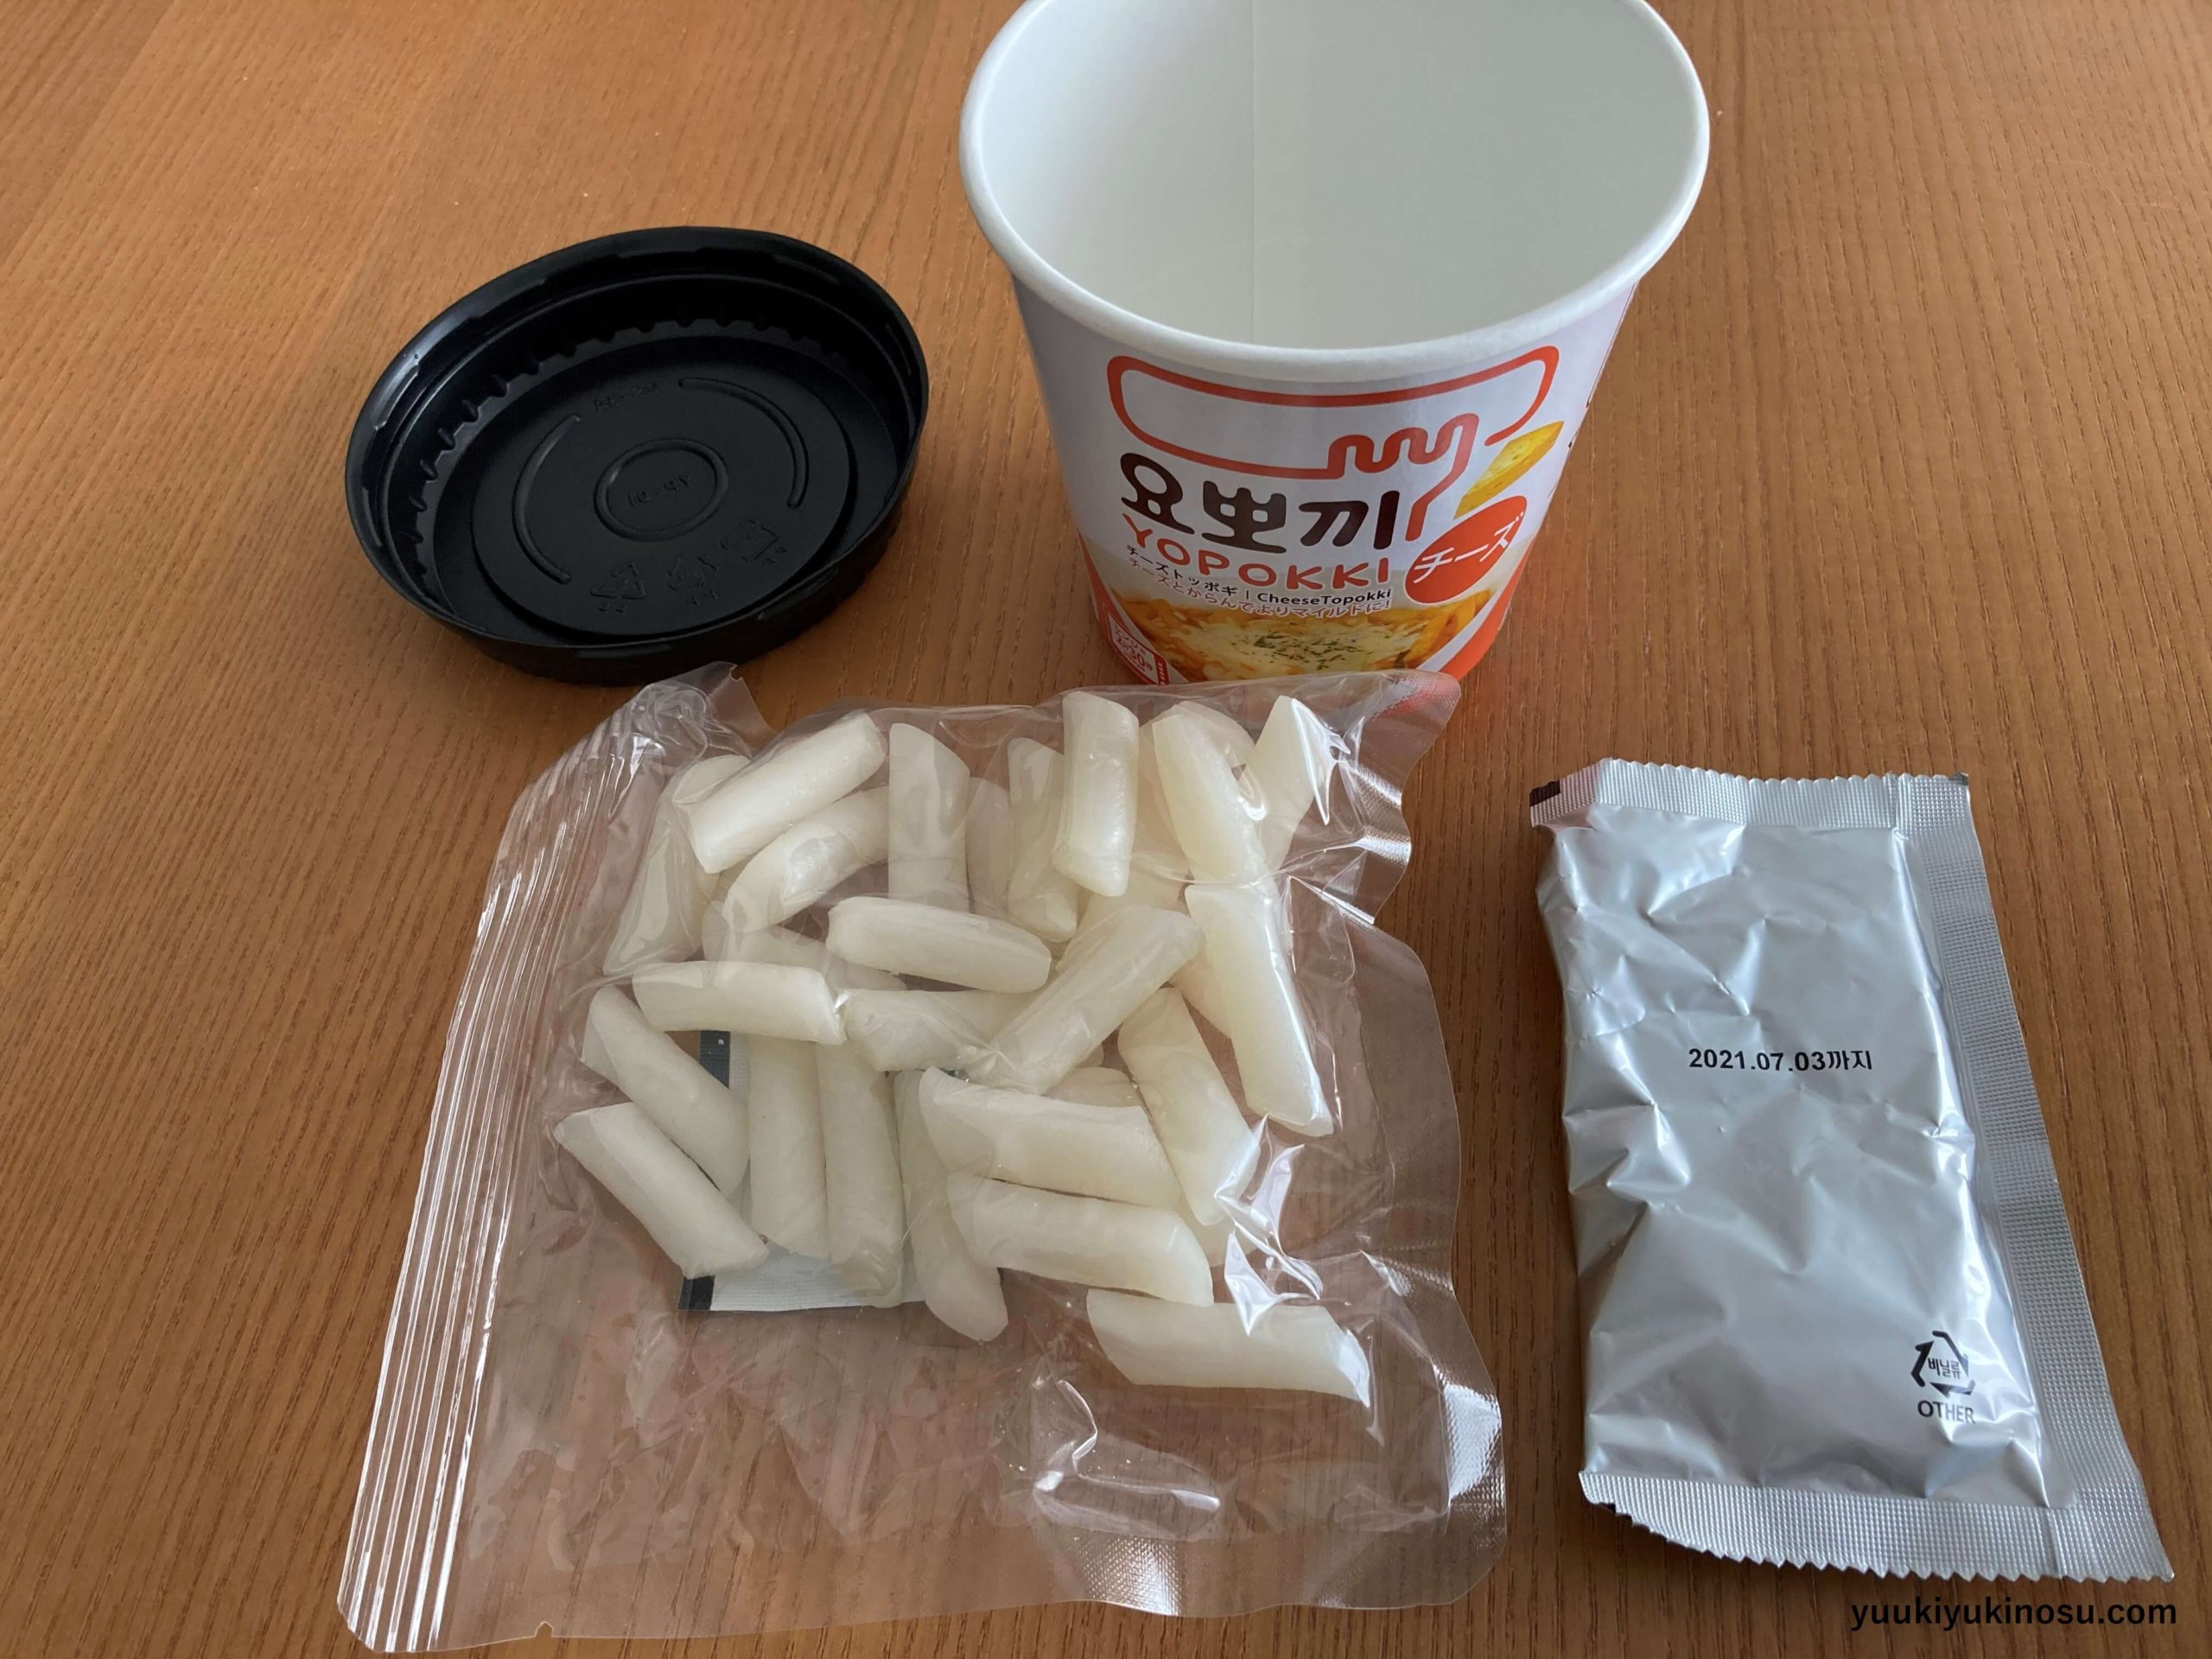 チーズトッポッキ YOPOKKI ヨッポッキ インスタント 値段 韓国グルメ アレンジ 作り方 おすすめ 美味しい ヘテパシフィック株式会社 ヨンプン